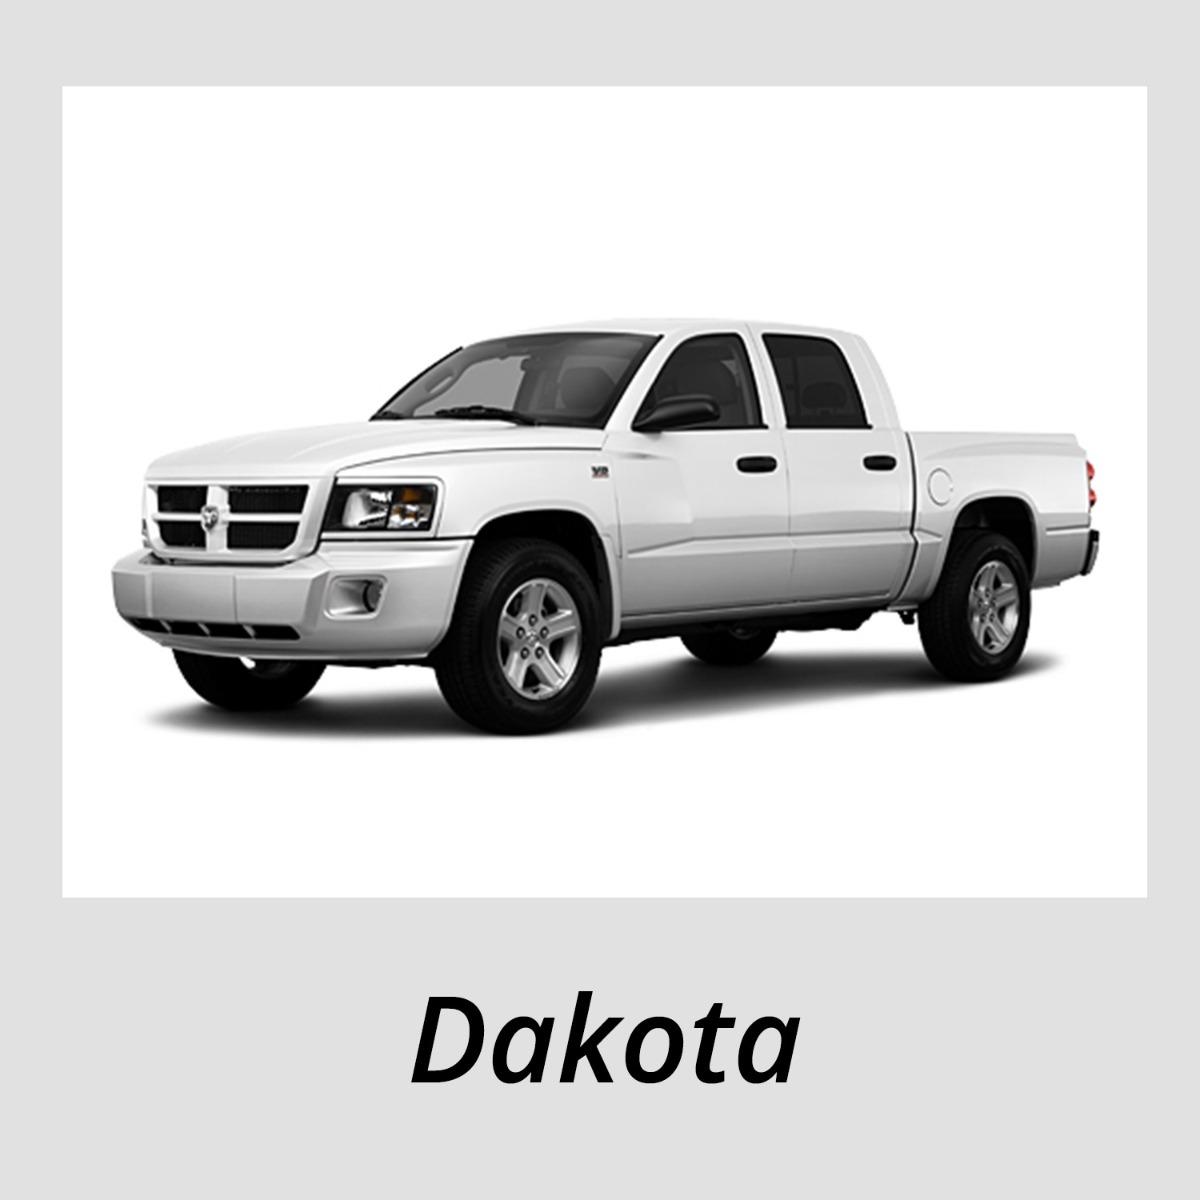 Ram Dakota